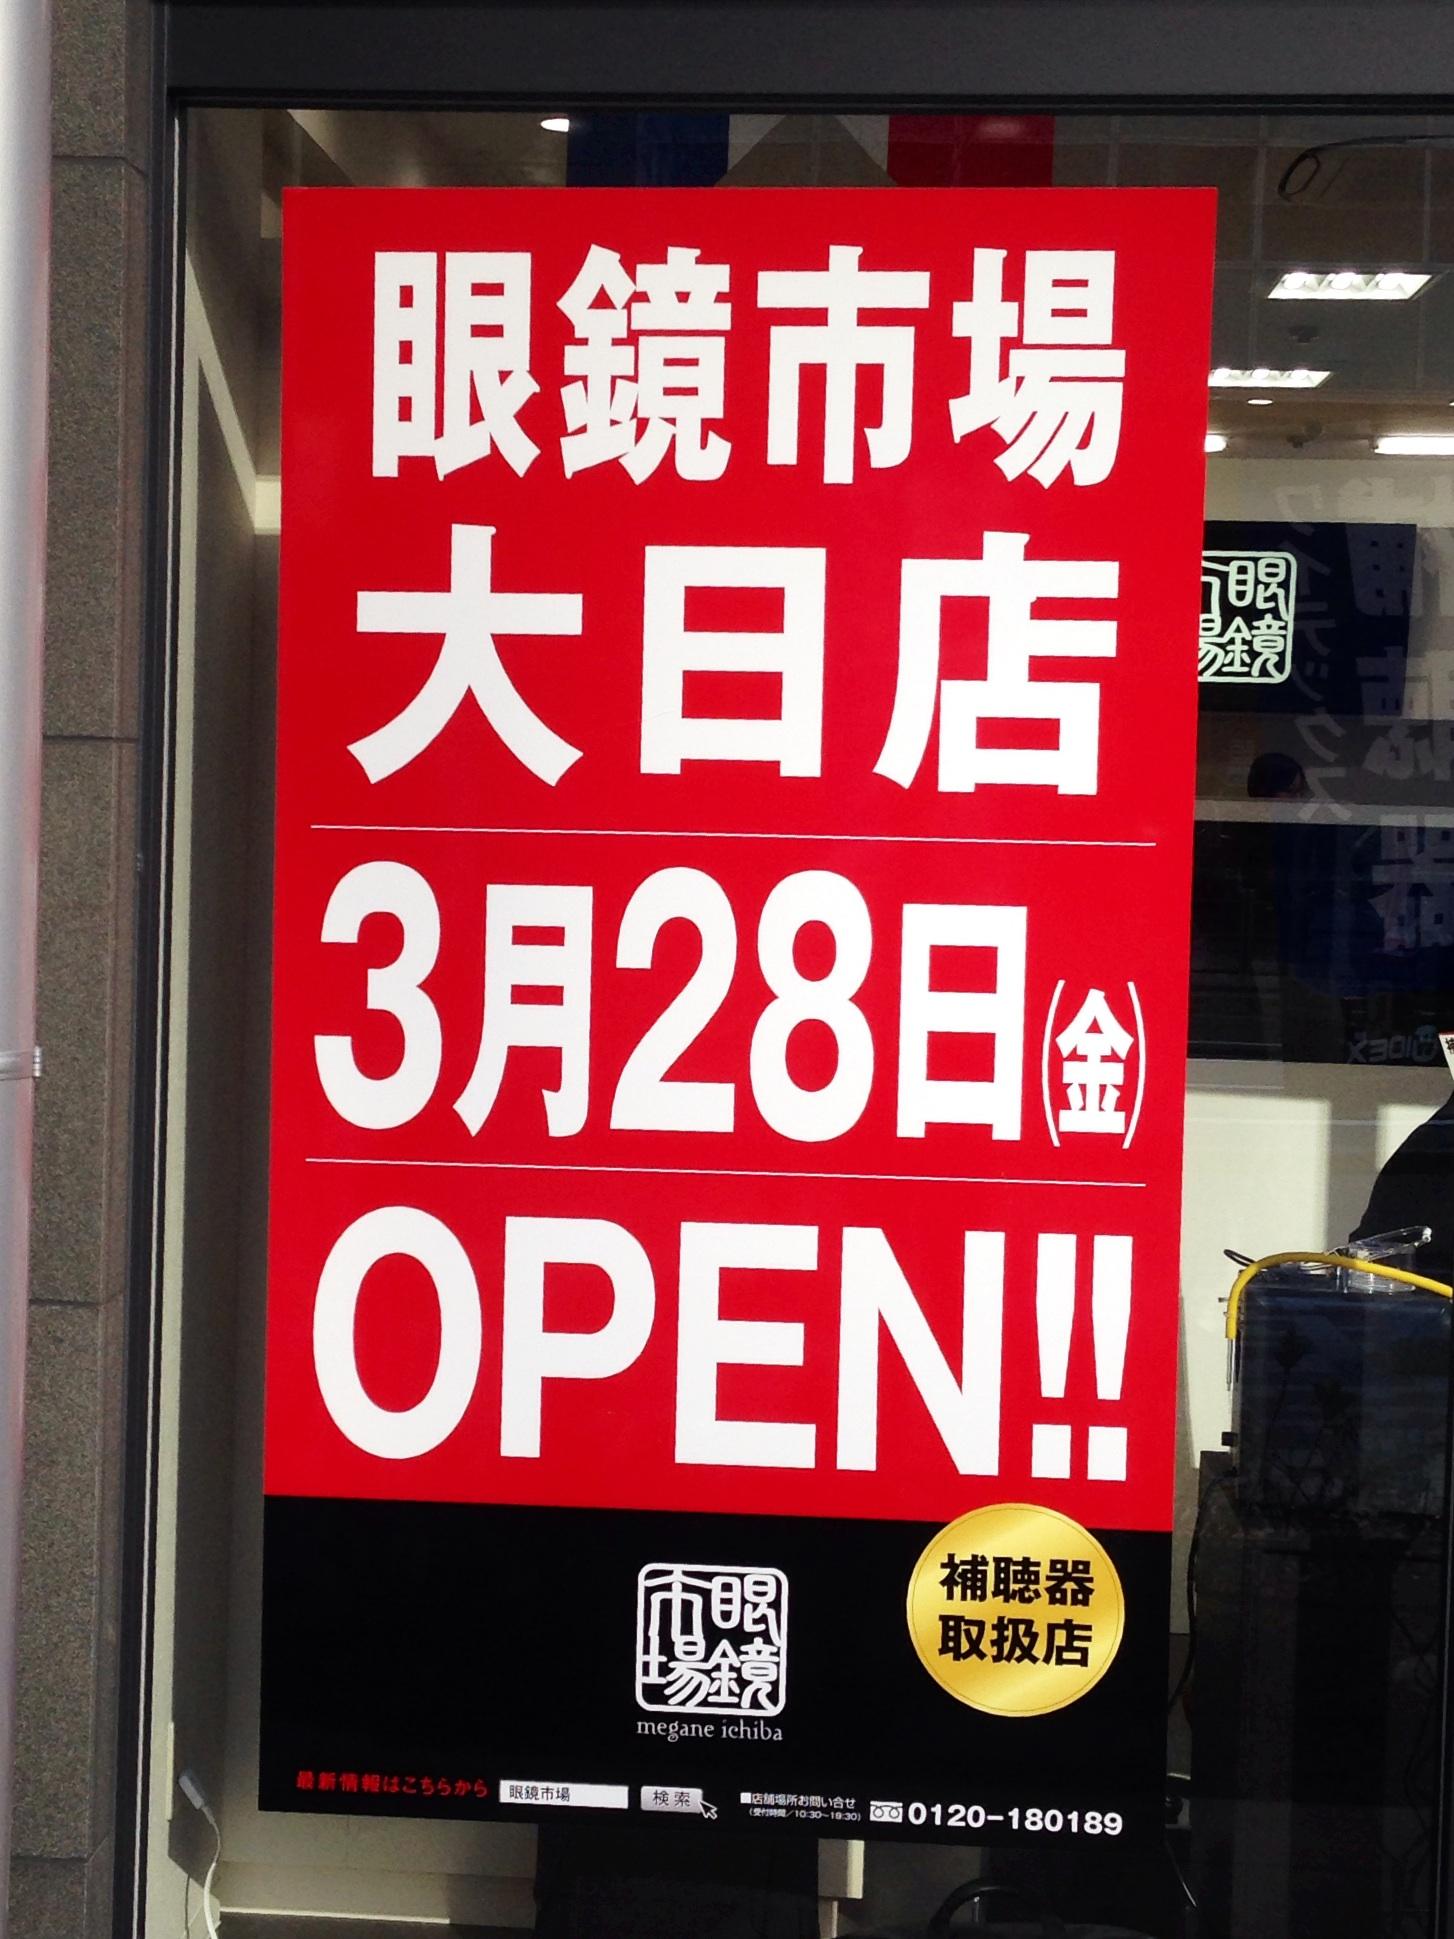 市場 相模原 眼鏡 眼鏡市場 相模原二本松店(神奈川県相模原市緑区二本松/めがね)